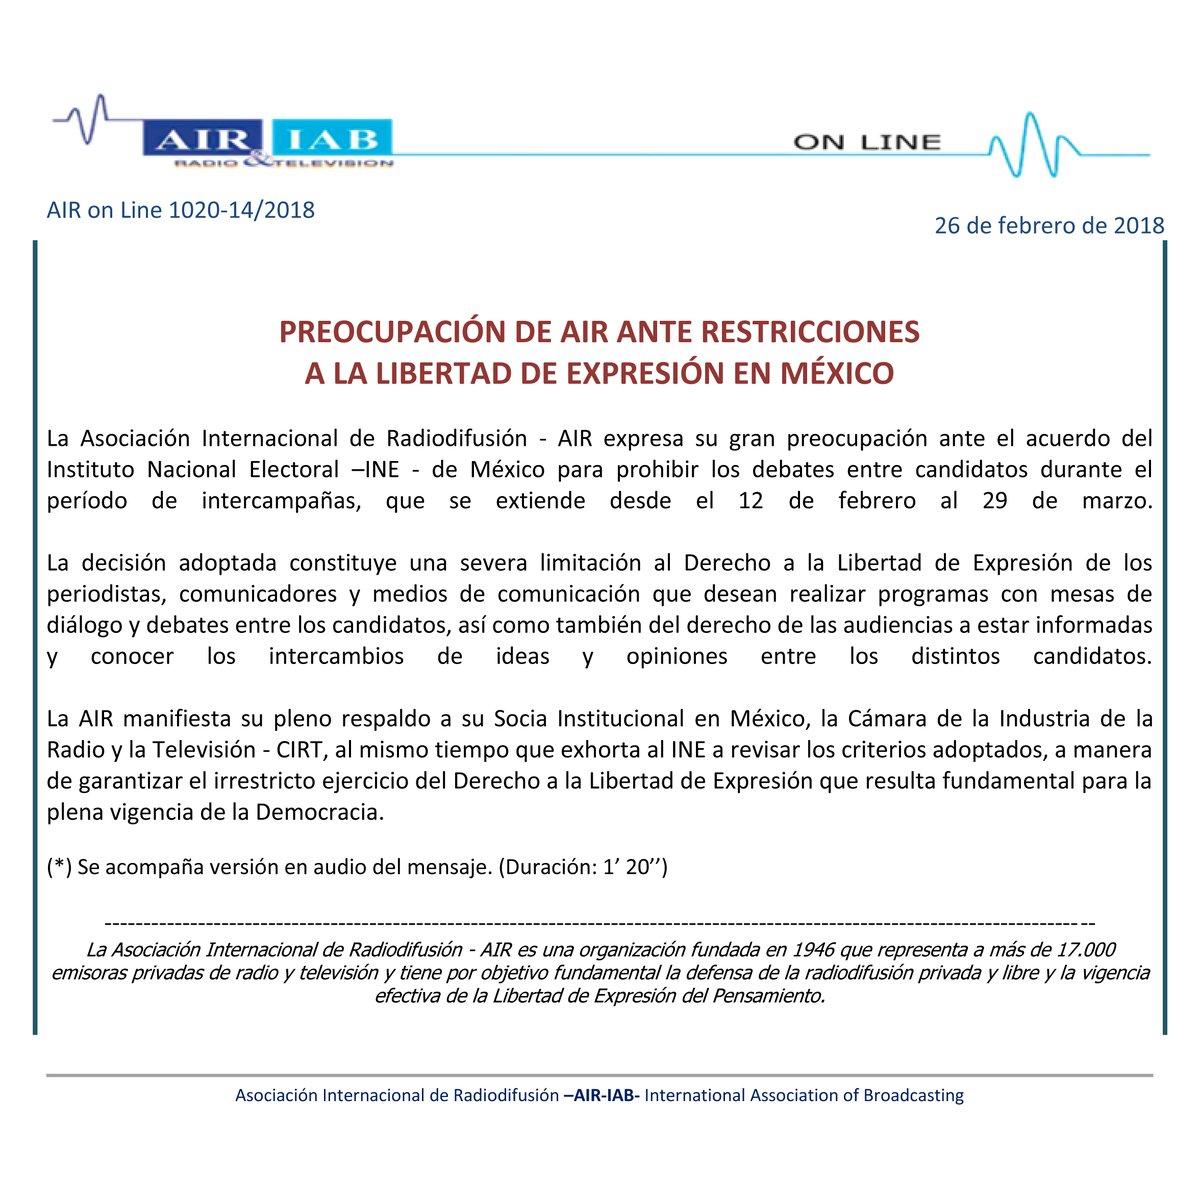 AIR-IAB EXPRESA PREOCUPACIÓN POR LIBERTAD DE EXPRESIÓN EN MÉXICO